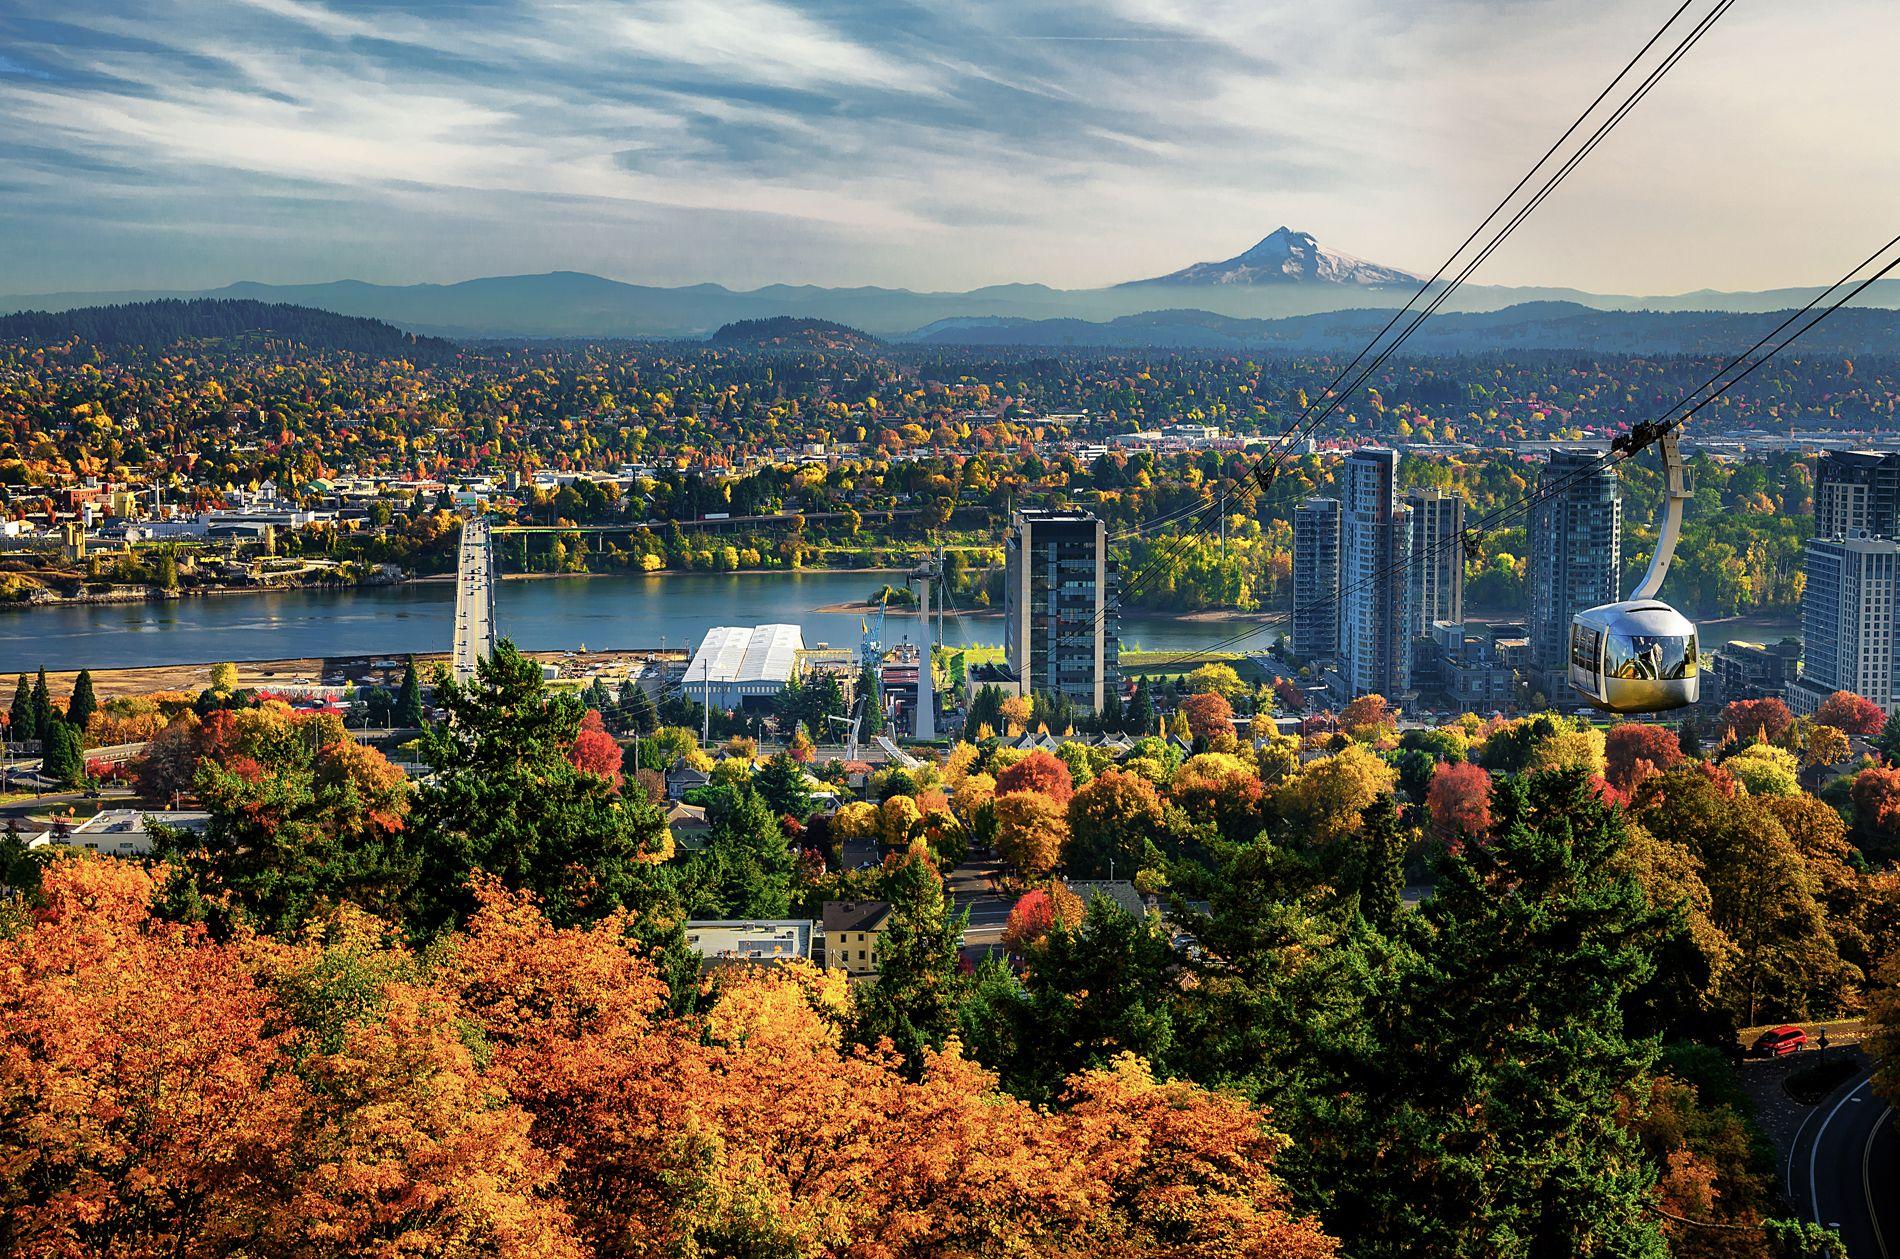 meilleurs sites de rencontres Portland Oregon Interracial matchmaking Afrique du Sud